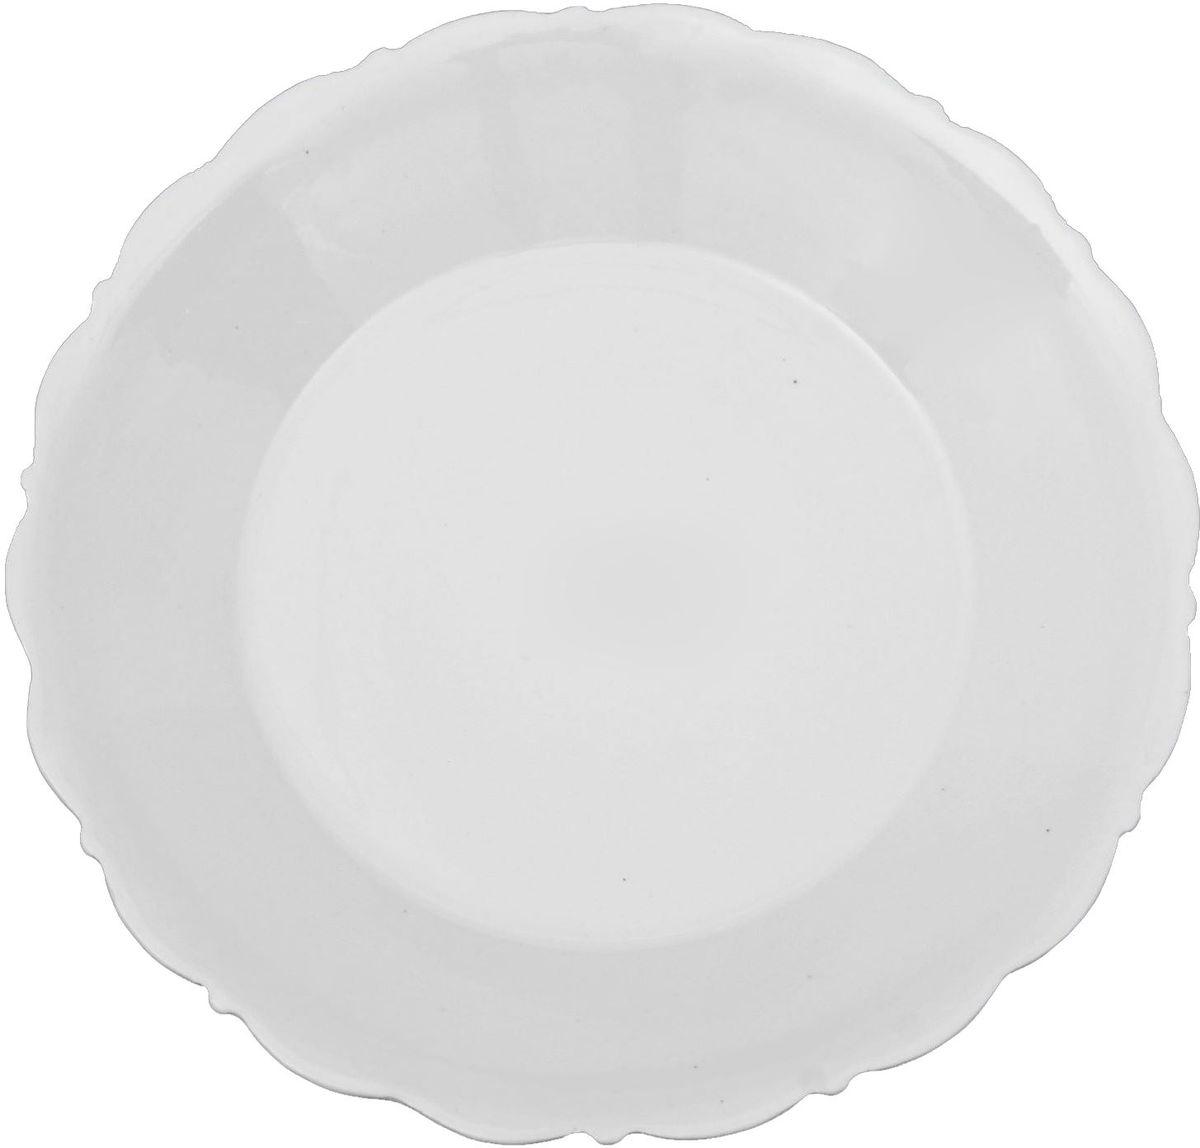 Тарелка Turon Porcelain Классика, диаметр 17,5 см1625428Узбекская посуда известна всему миру уже более тысячи лет. Ей любовались царские особы, на ней подавали еду шейхам и знатным персонам. Формула глазури передаётся из поколения в поколение. По сей день качественные изделия продолжают восхищать своей идеальной формой.Данный предмет подойдёт для повседневной и праздничной сервировки. Дополните стол текстилем и салфетками в тон, чтобы получить элегантное убранство с яркими акцентами.